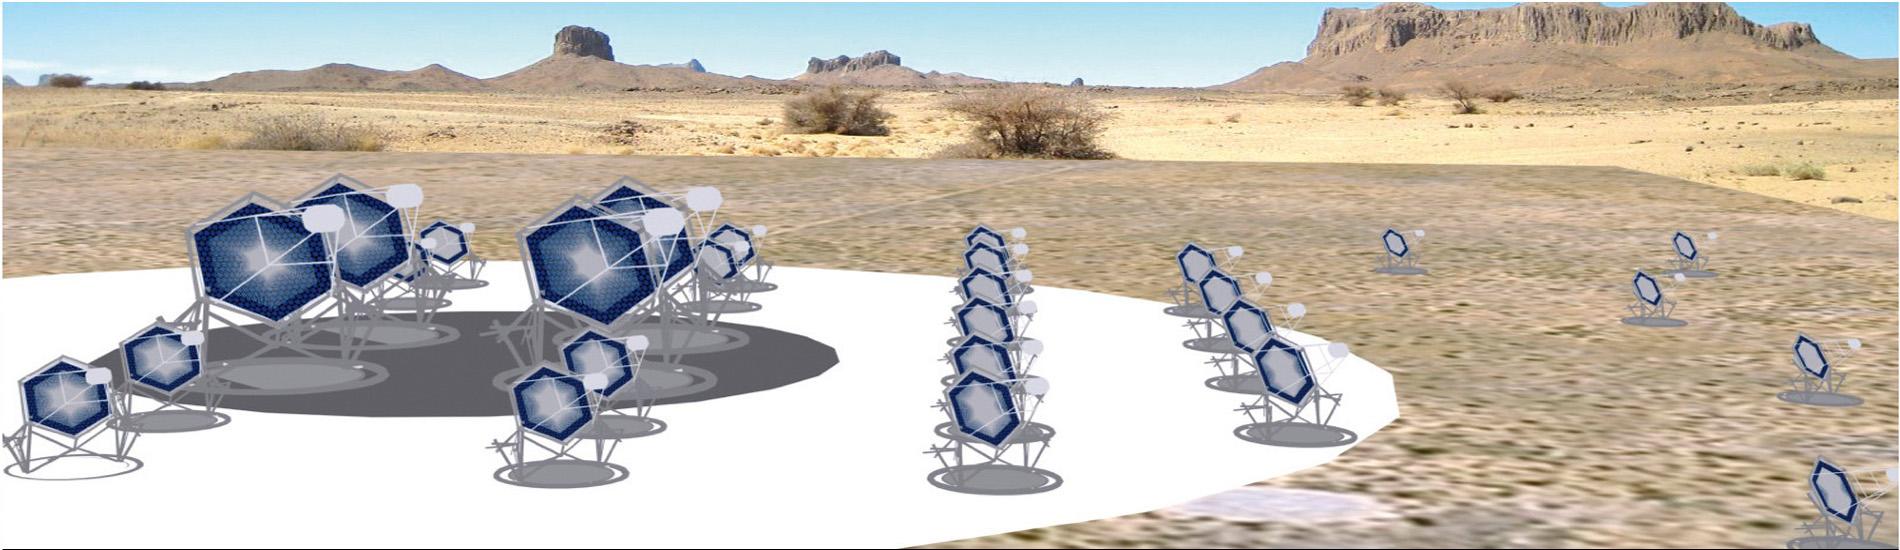 Проектна схема черенковських телескопів